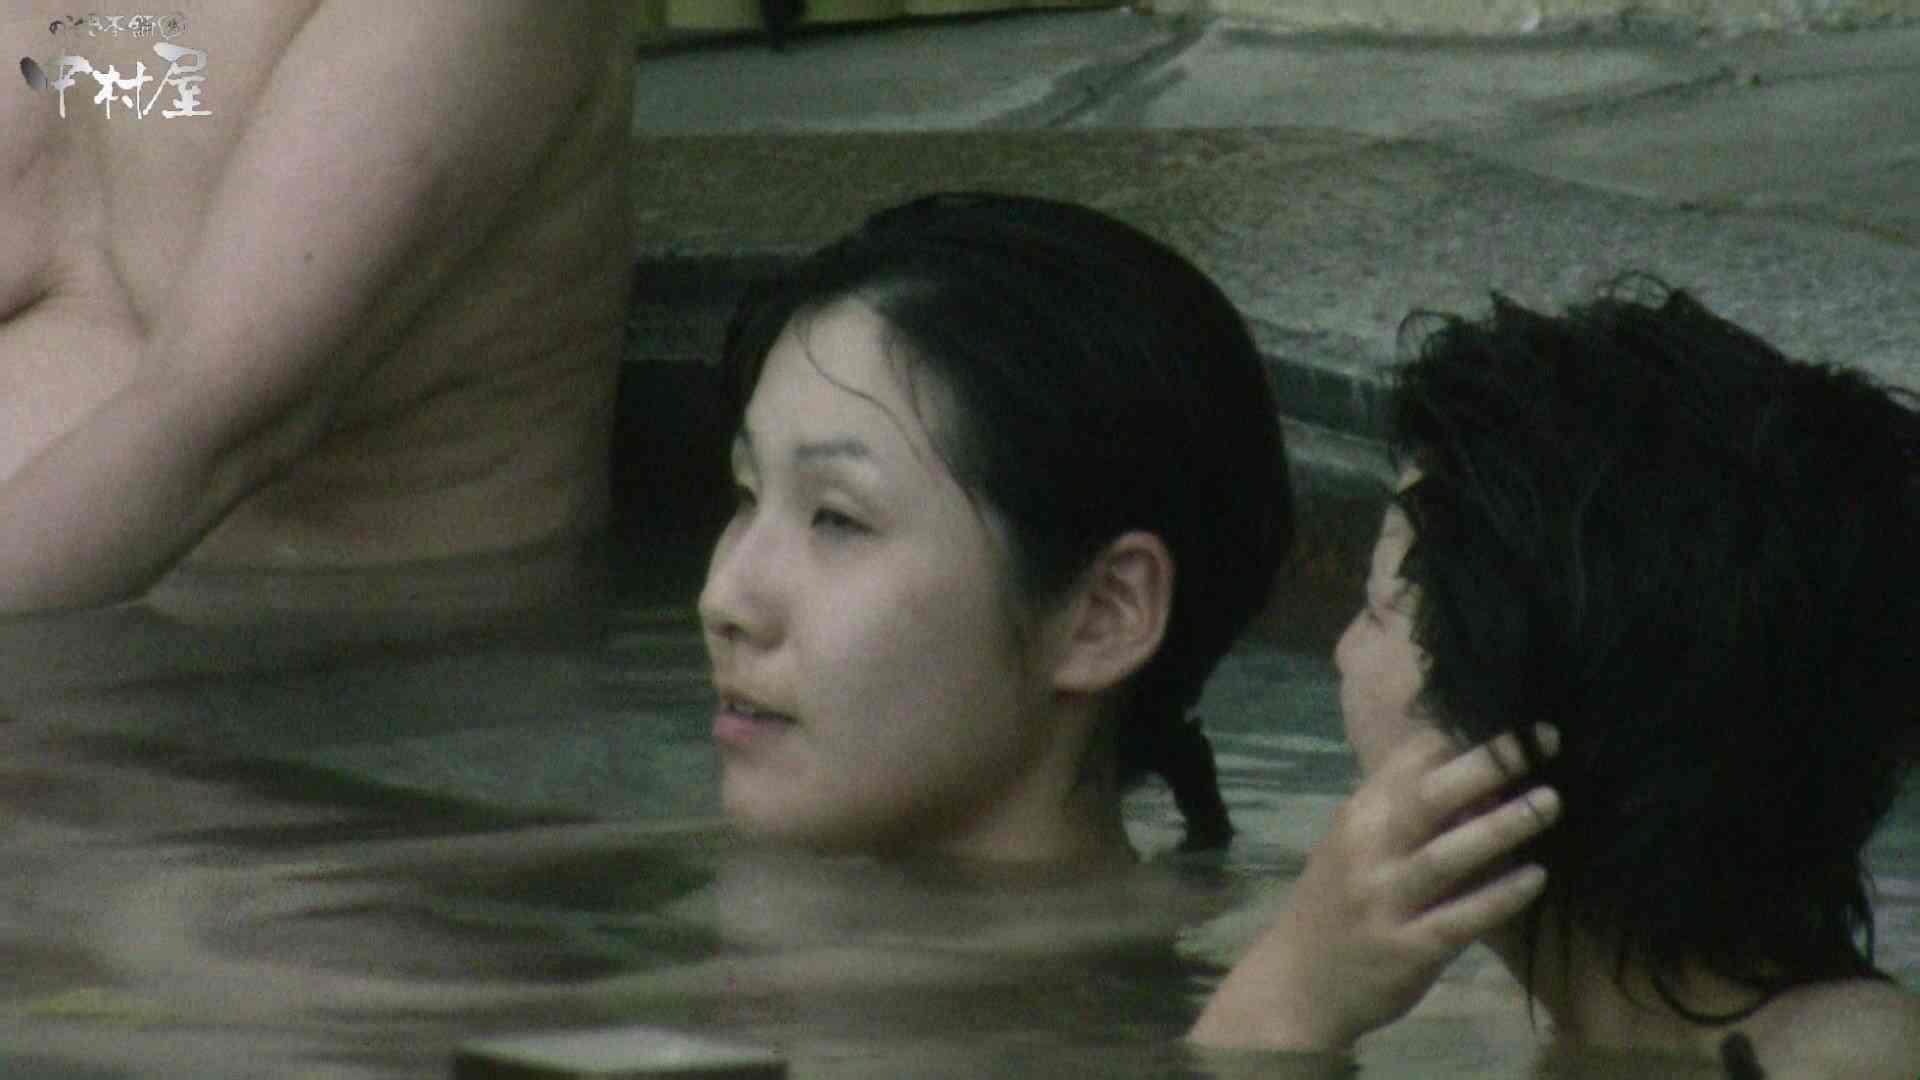 Aquaな露天風呂Vol.983 女体盗撮 隠し撮りおまんこ動画流出 53連発 17